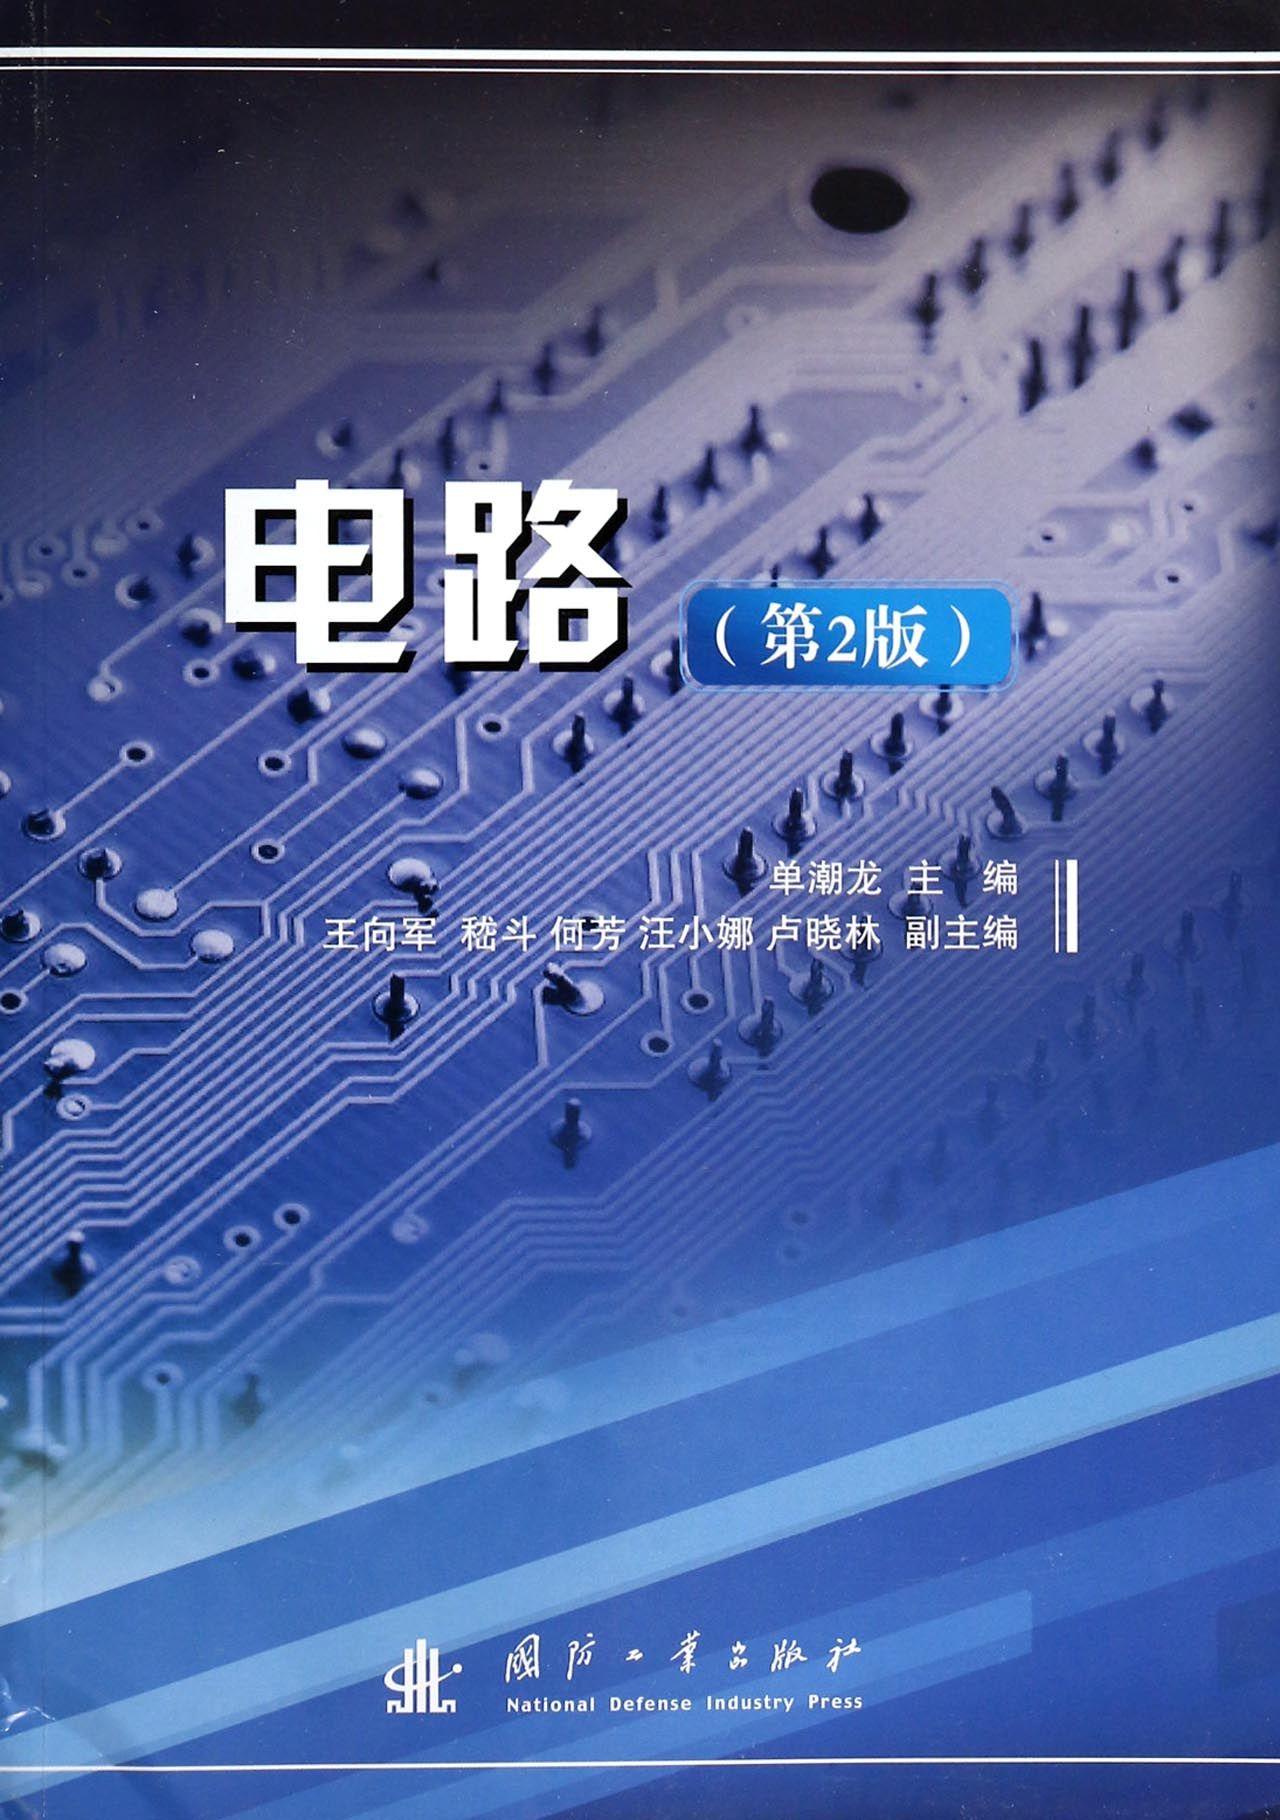 第10章 动态电路的复频域分析法和状态变量分析法 第11章 电路理论